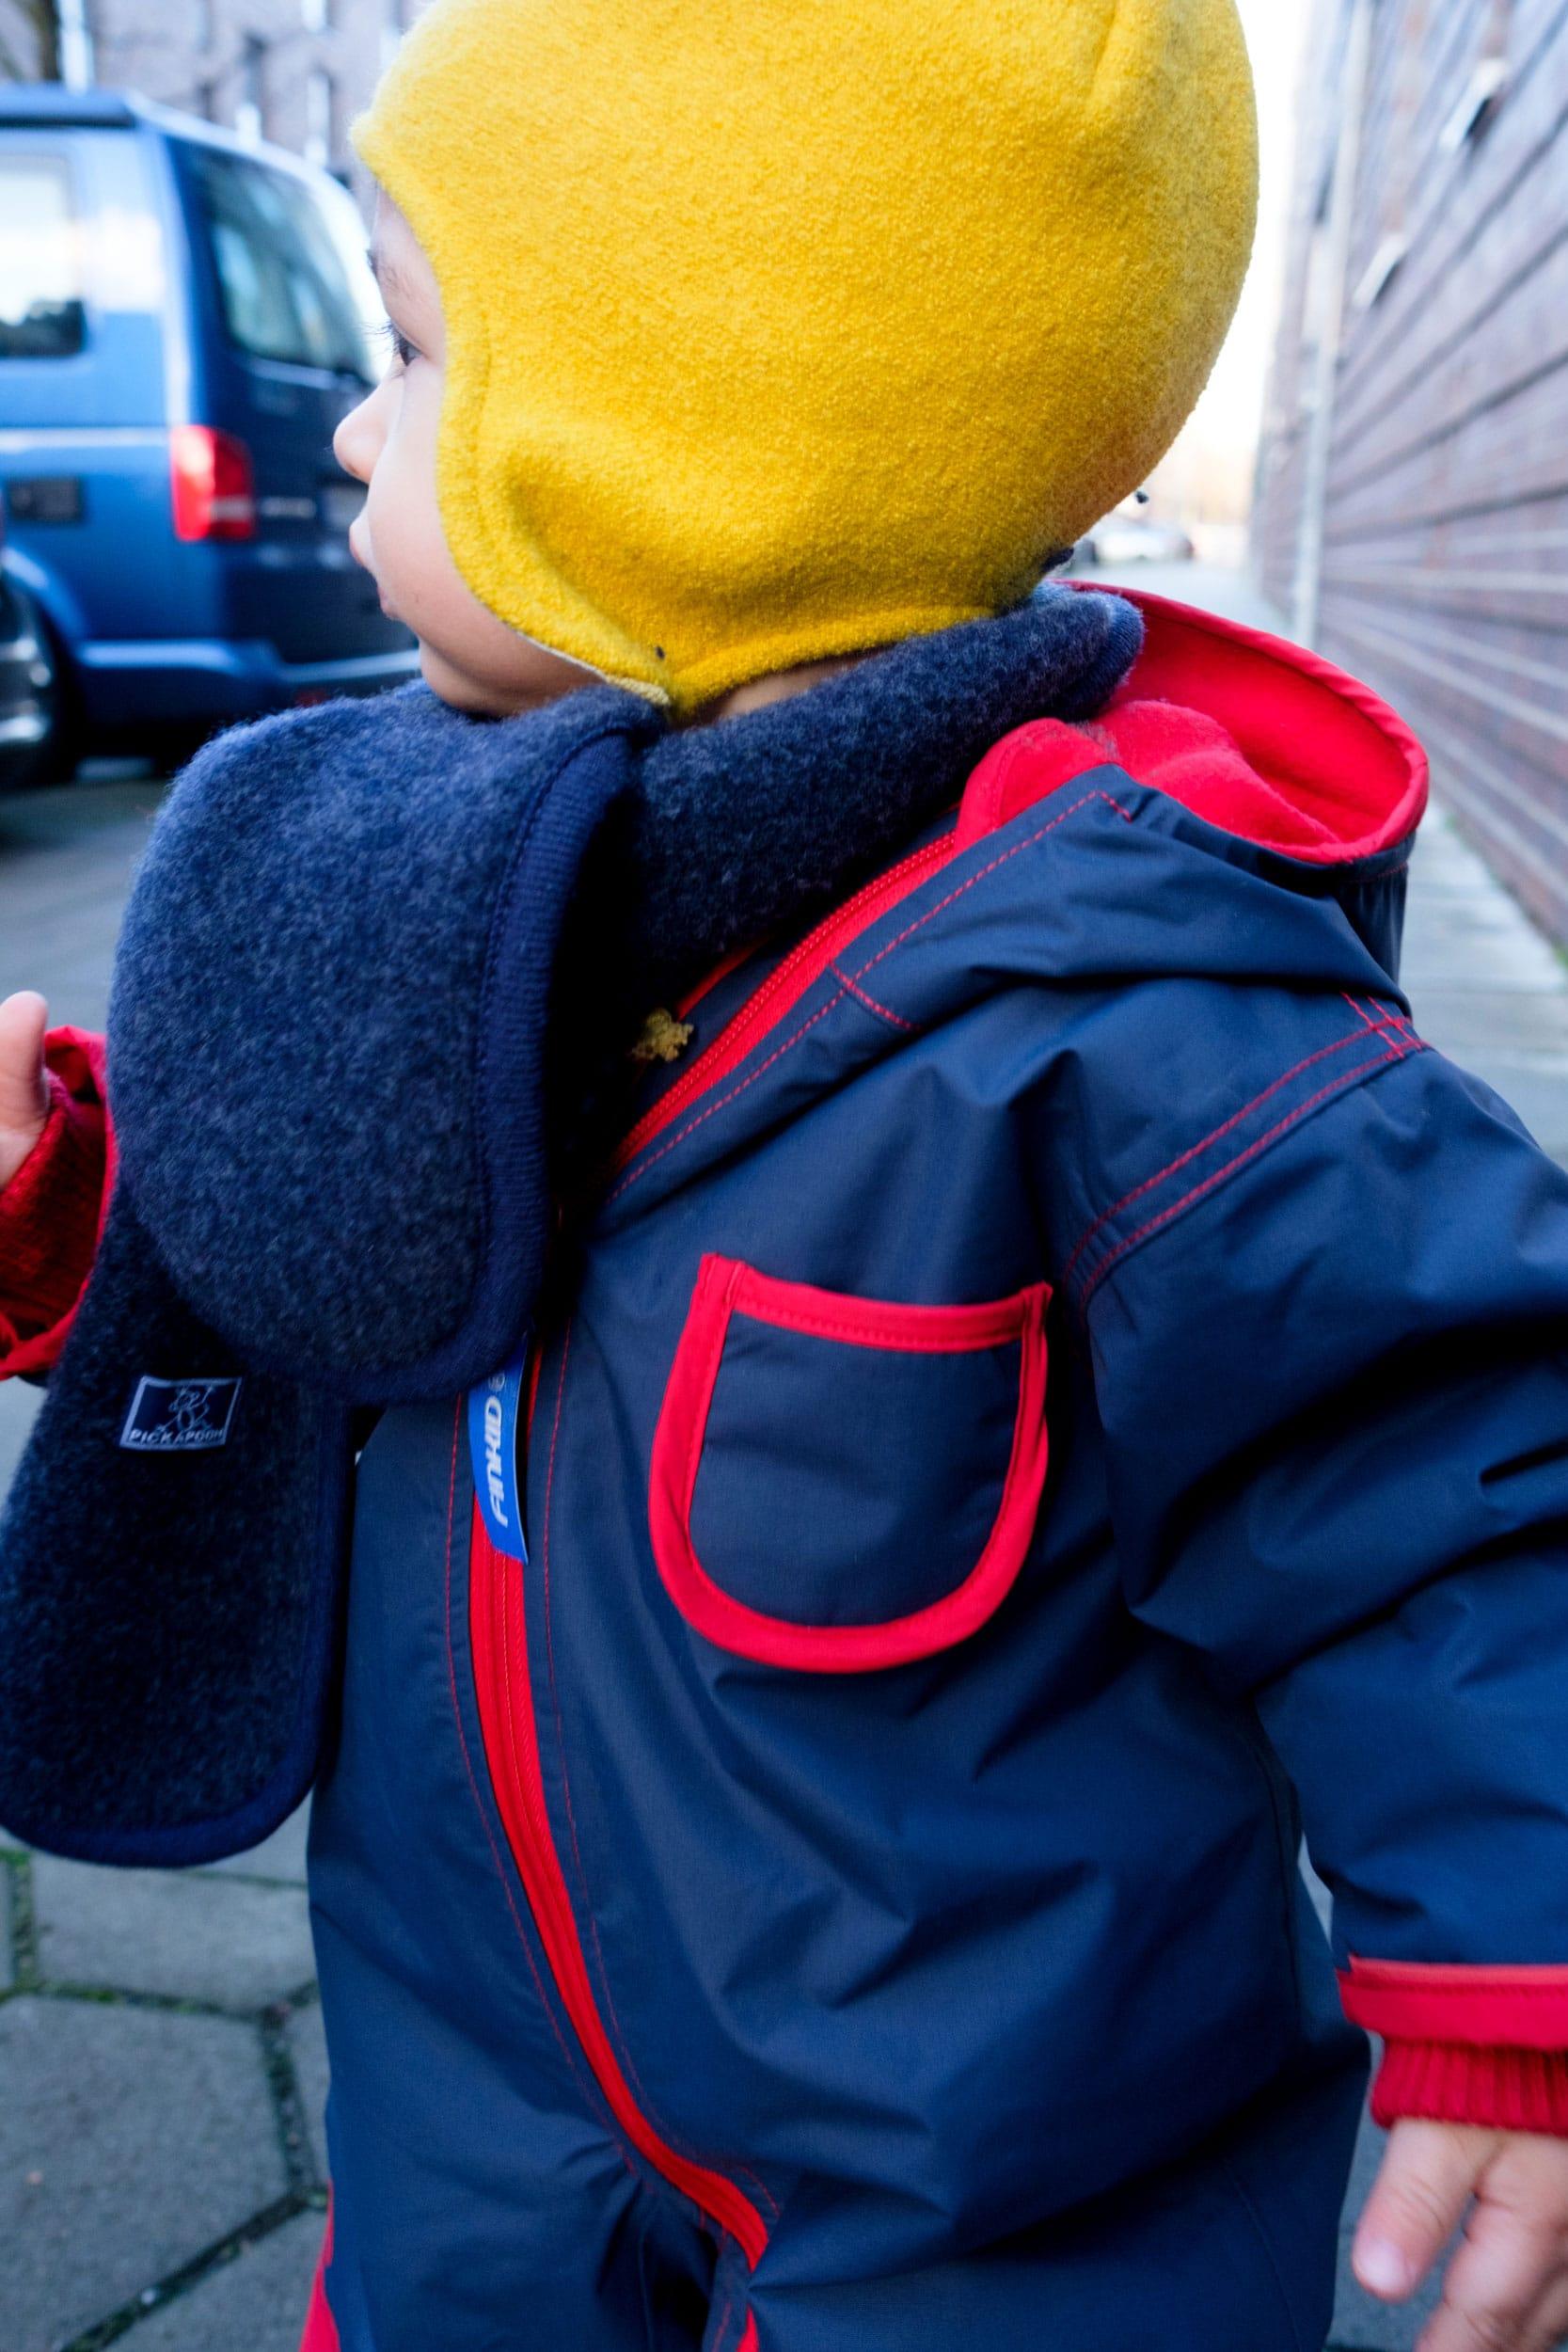 Was ziehe ich meinem Kleinkind im Winter an? | Kleine Kinder im Winter richtig anziehen | Winter Essentials | Baby | Kleinkind | Winterkleidung | Schneeanzug von Finkid | Wollmütze | Schurwolle | Kinder im Winter tragen | Warme Kleidung | ivy.li